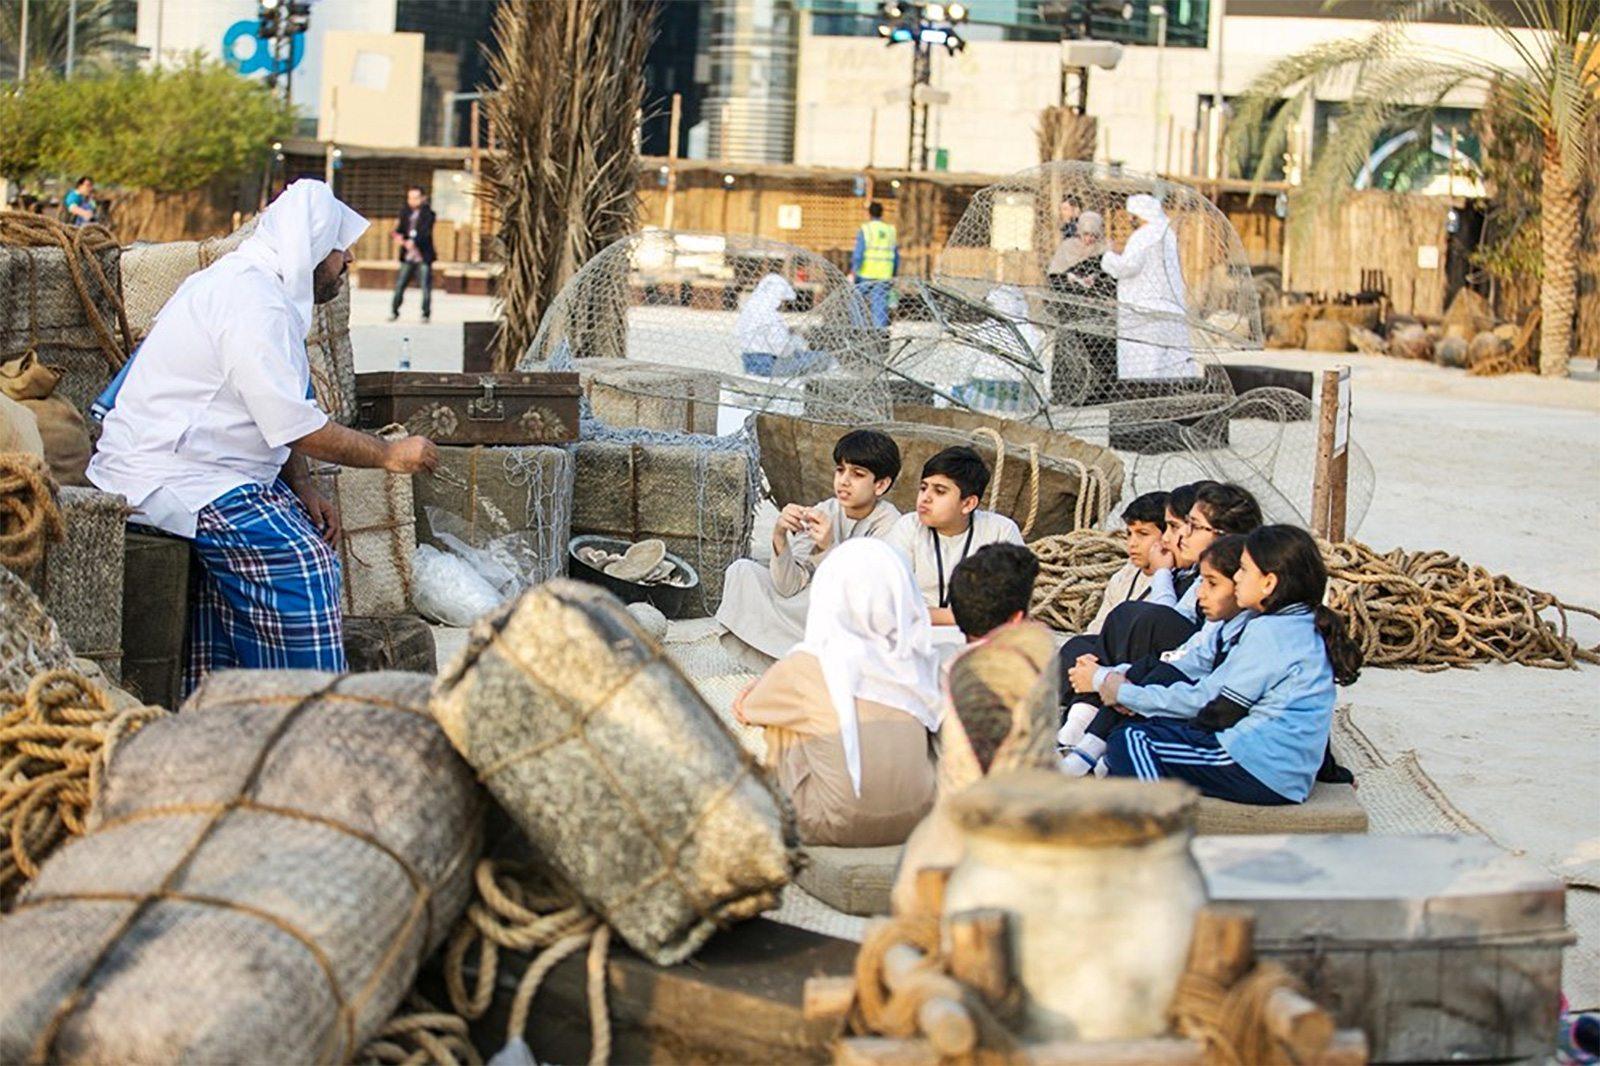 أنشطة في منارة السعديات أبوظبي الامارات